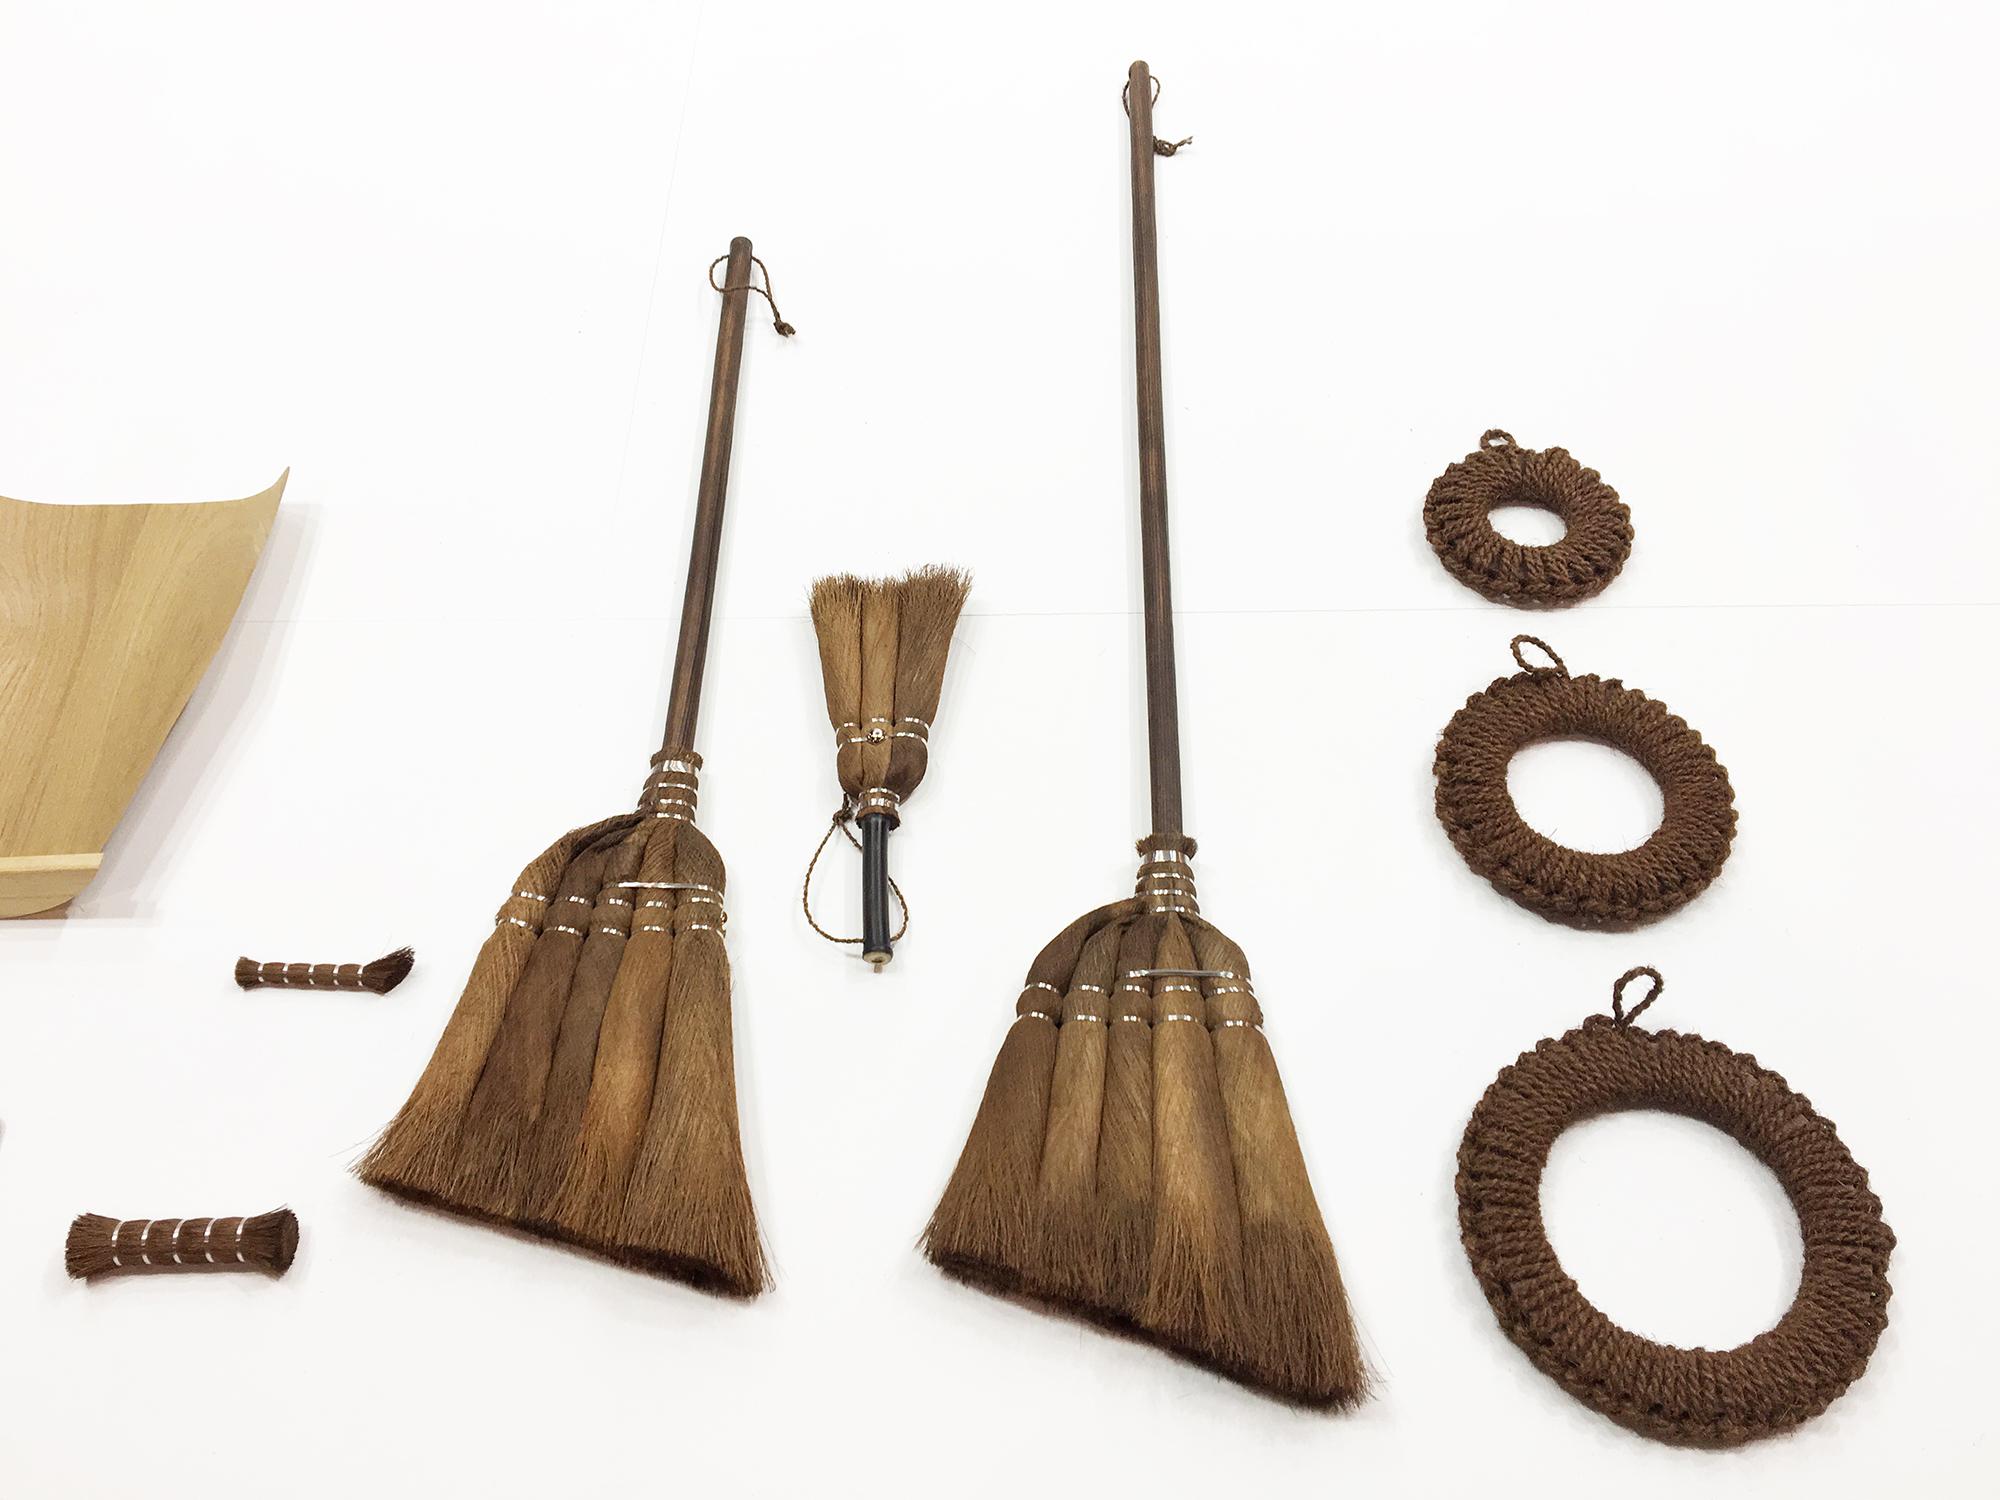 de jolis balais en paille et bois sont exposés sur un fondblanc, comme dans un musée